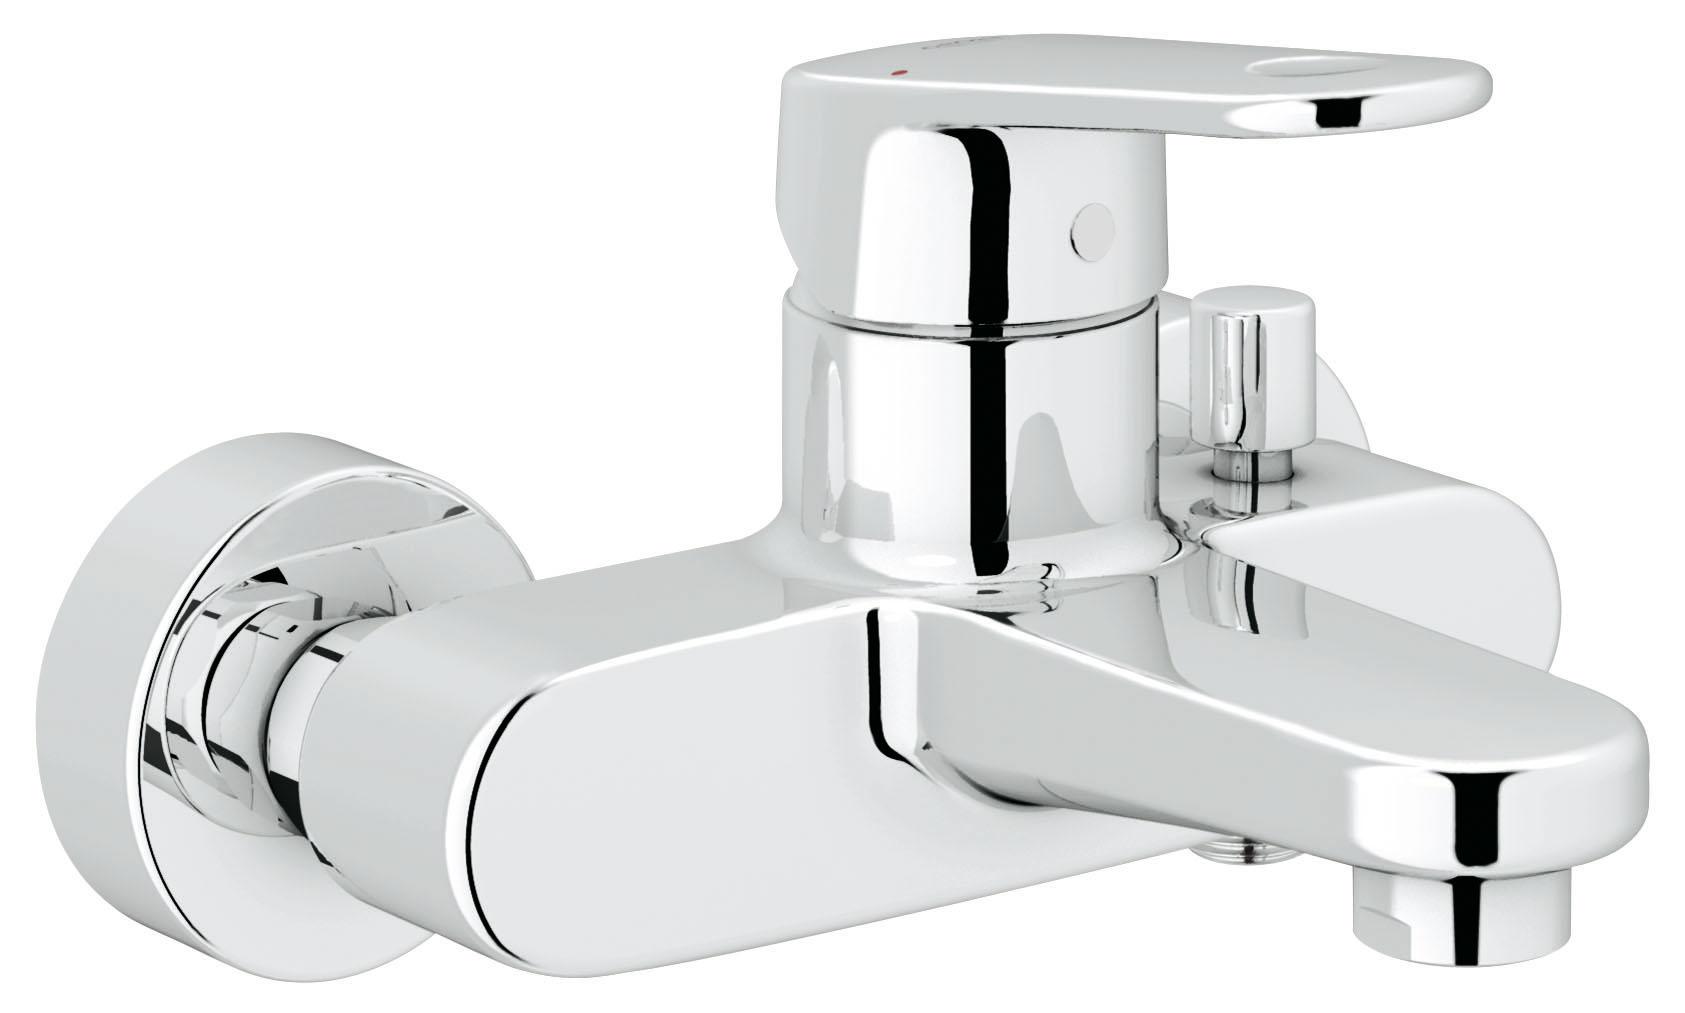 Смеситель для ванны GROHE Europlus (33553002)LM7736C Настенный монтажМеталлический рычагGROHE SilkMove керамический картридж O 46 ммGROHE StarLight хромированная поверхность Регулировка расхода водыВозможность установки мин. расхода 2,5 л/мин.Автоматический переключатель: ванна/душВстроенный обратный клапан в душевом отводе 1/2?Аэратор с функцией SpeedCleanСкрытые S-образные эксцентрикиОграничитель температурыС защитой от обратного потокаВидео по установке является исключительно информационным. Установка должна проводиться профессионалами!